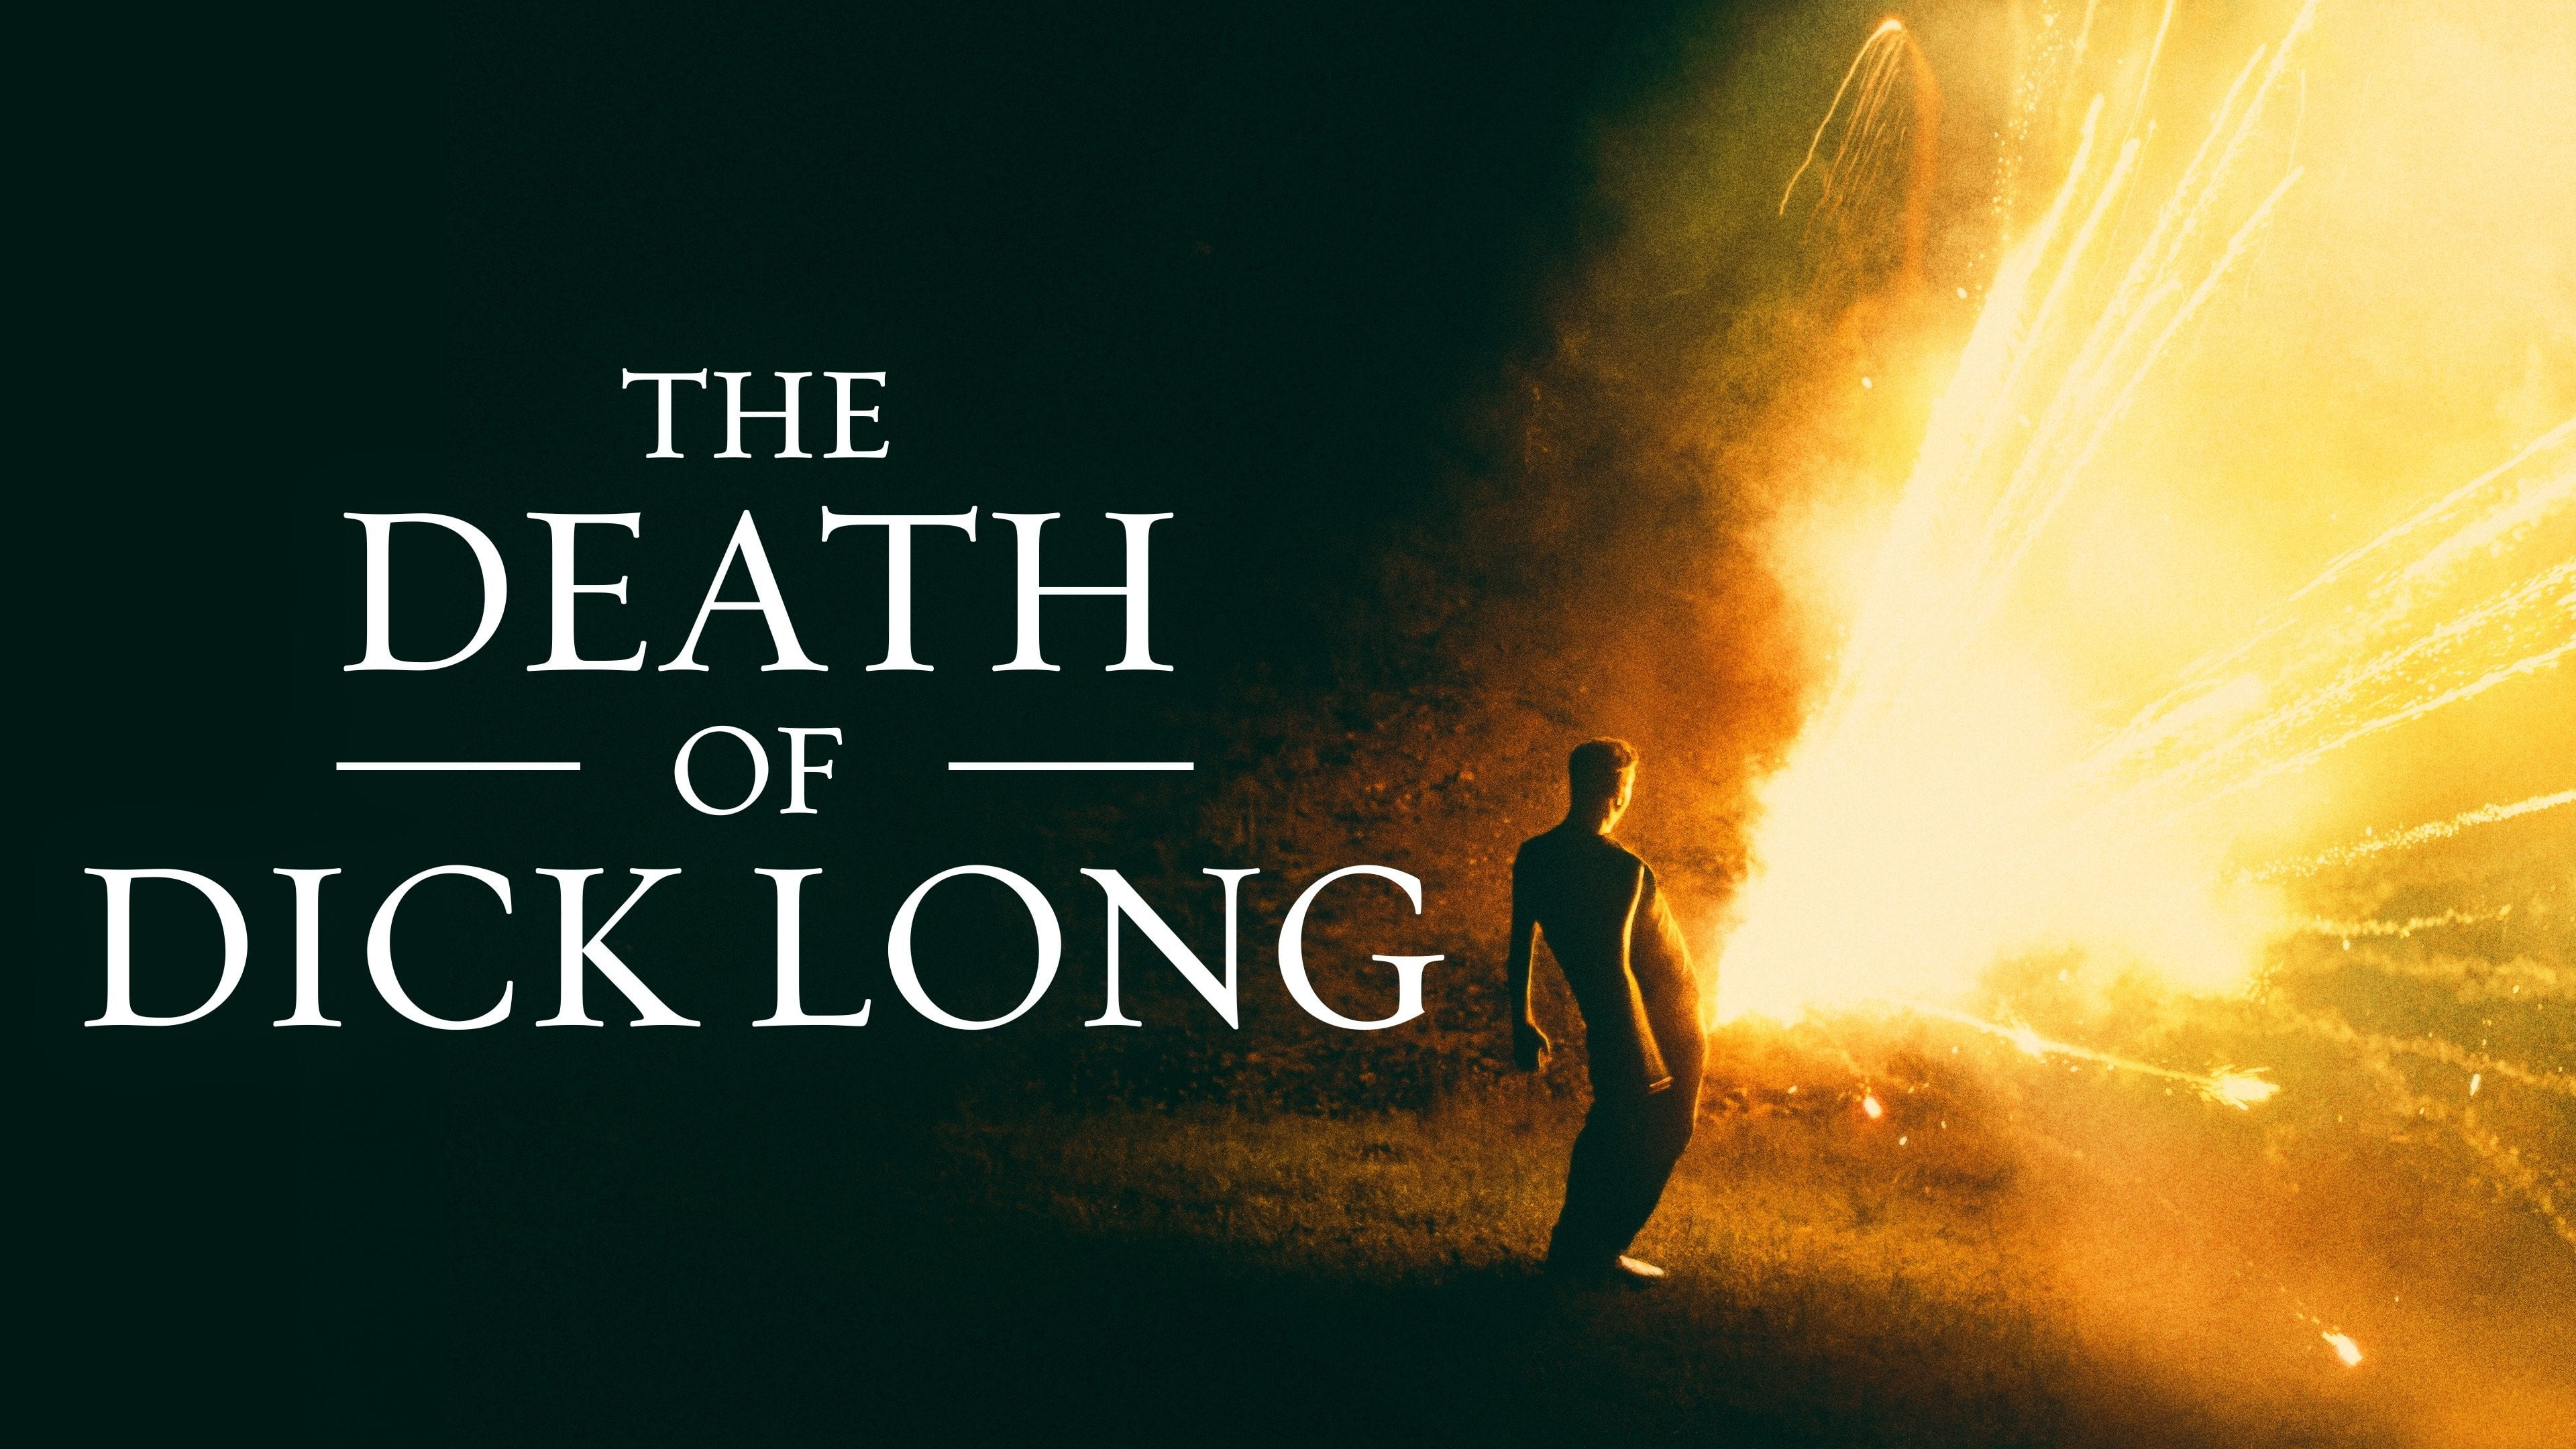 La muerte de Dick Long